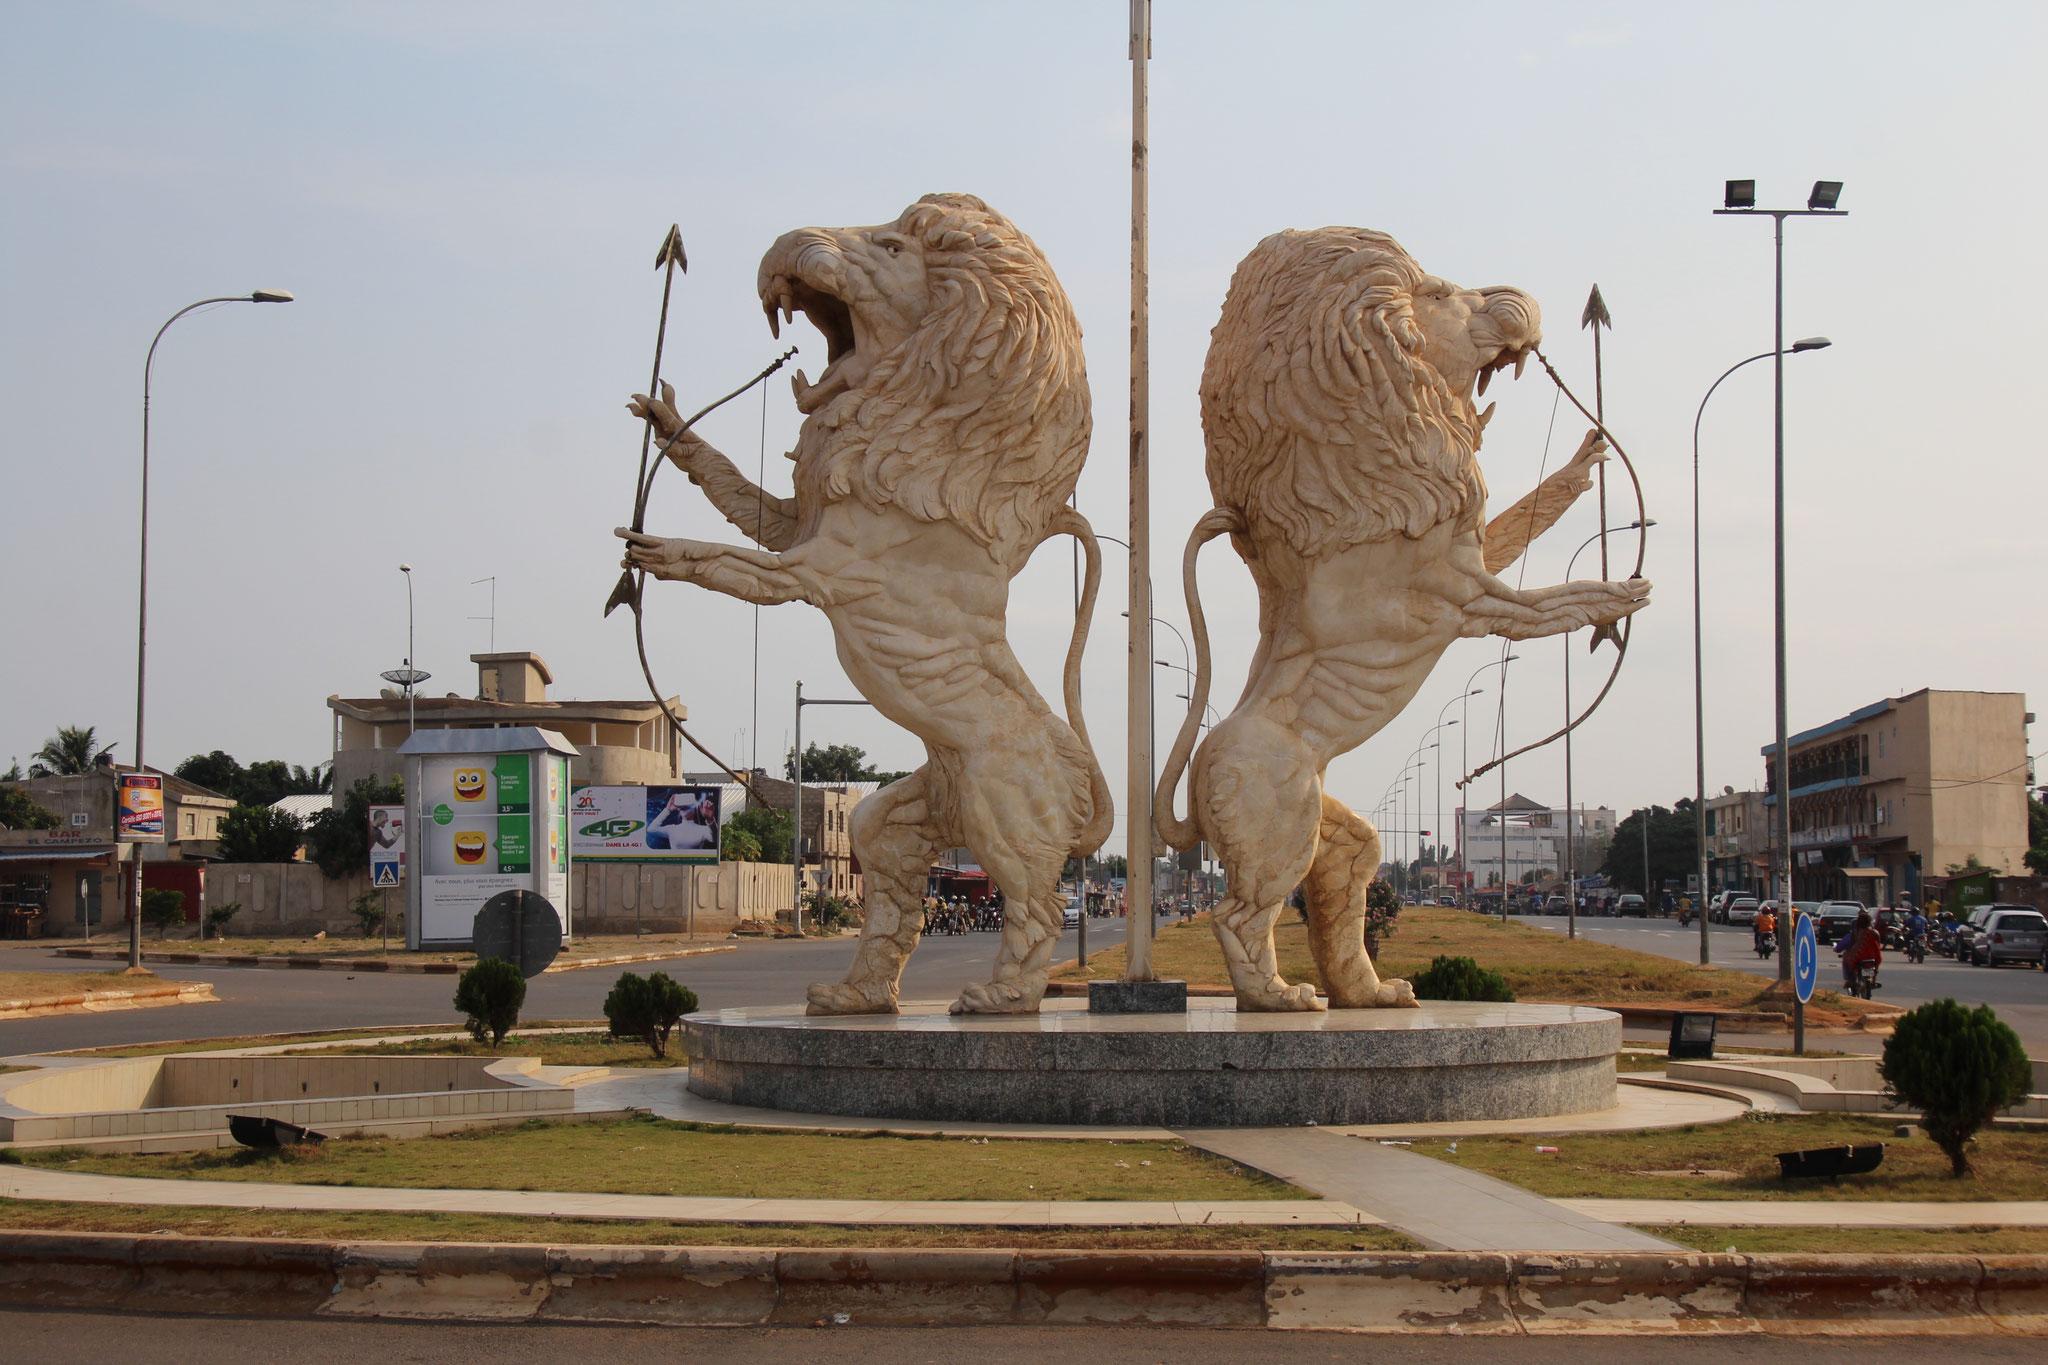 27. Kreisel mit 2 Löwen in Ague.